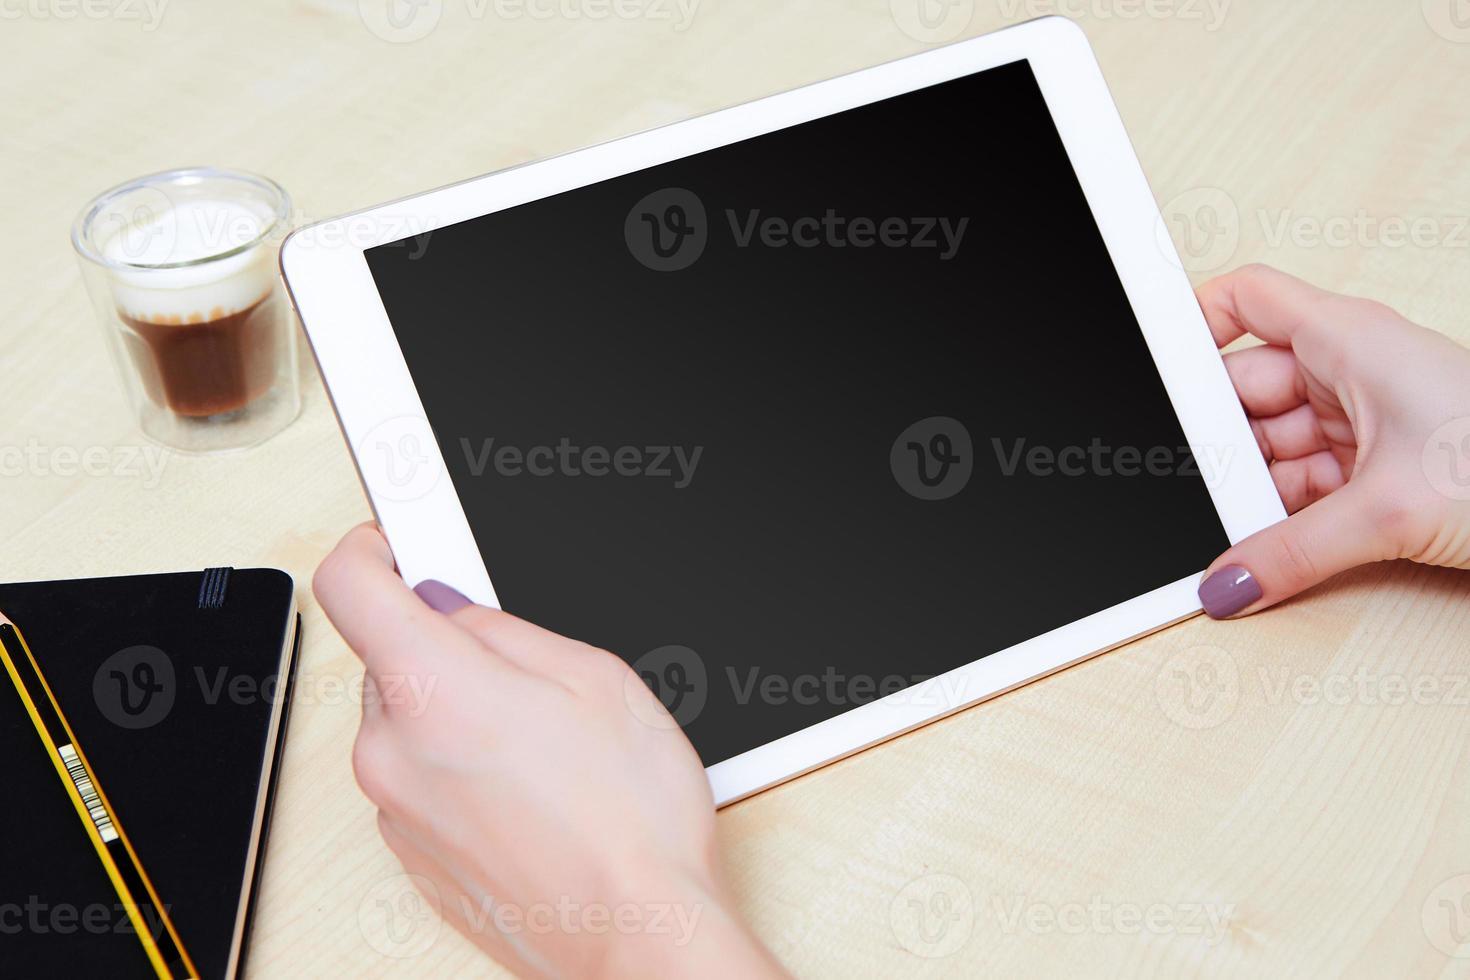 TabletPC i händerna på en person foto